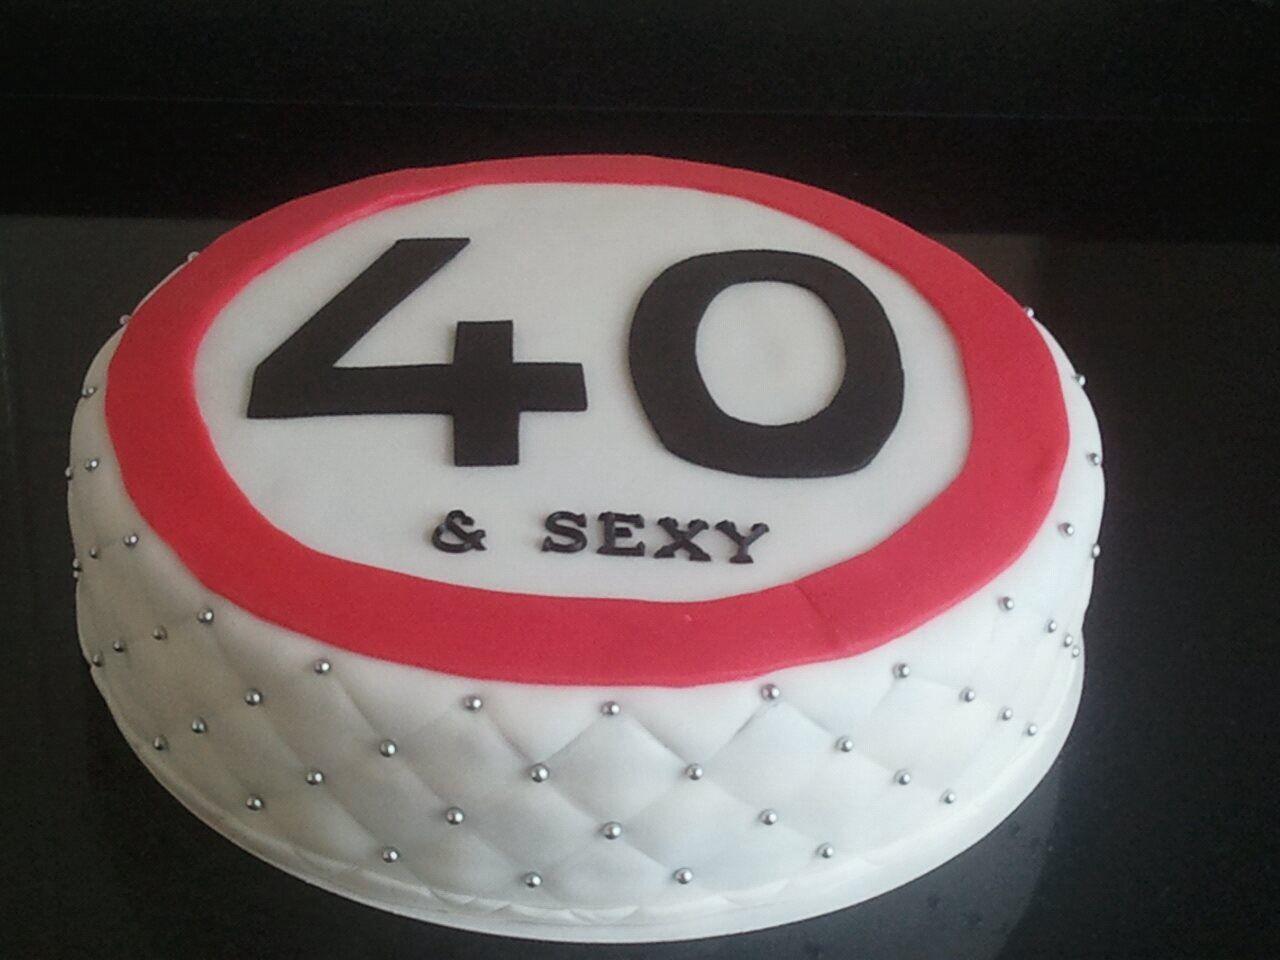 taart 40 jaar 40 jaar geworden taart   Taarten van Esther   Pinterest taart 40 jaar